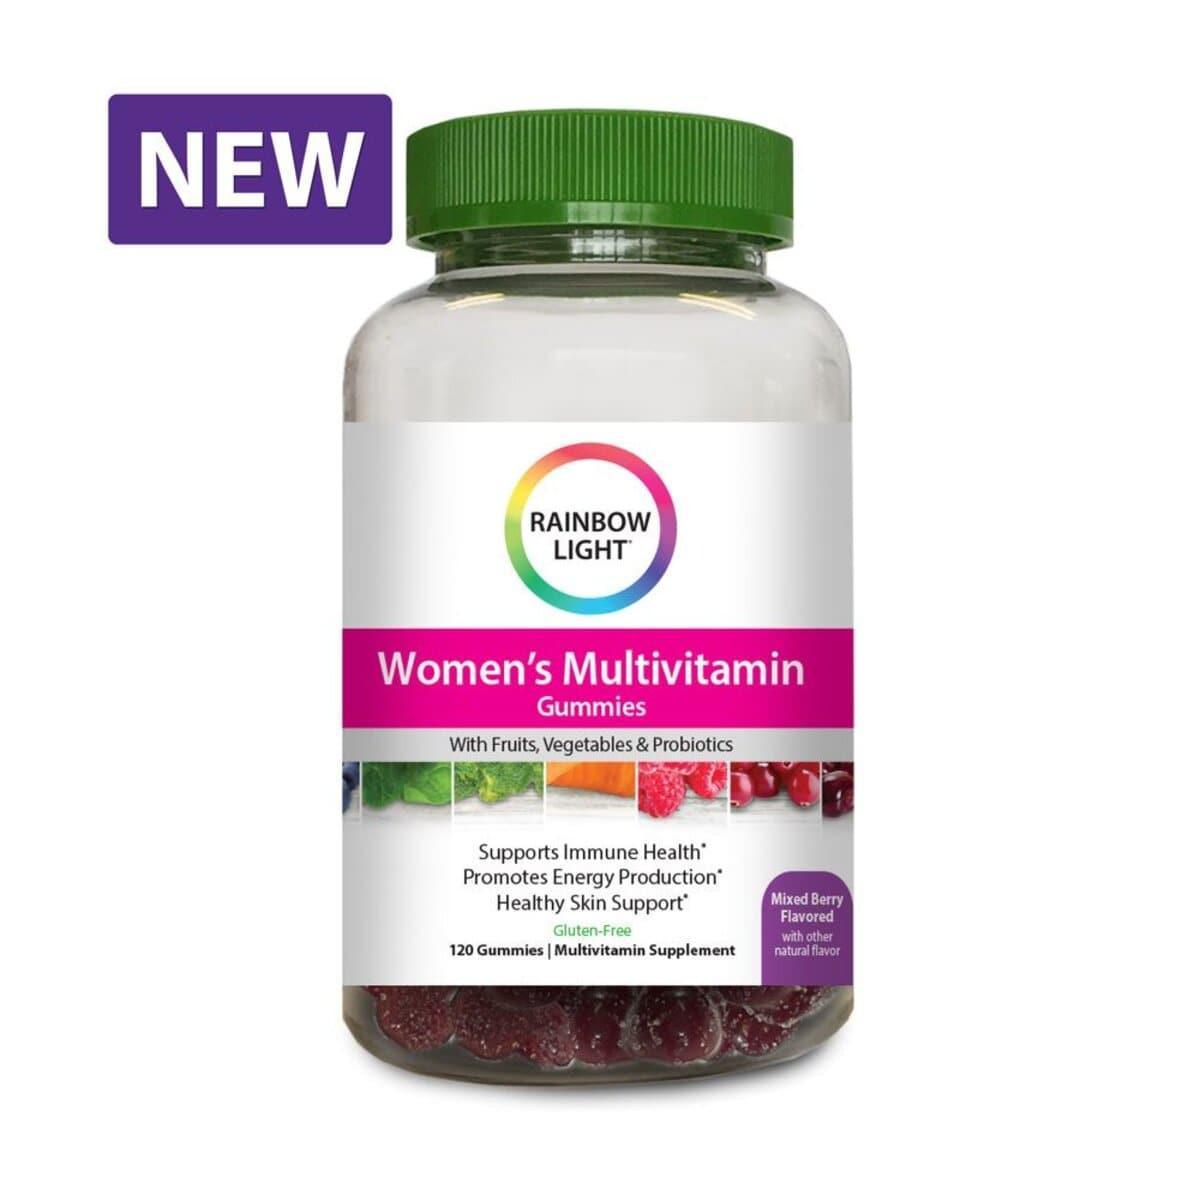 Мультивитамины для Поддержания Энергии для Женщин, New Women's Multivitamin Gummies, Rainbow Light, 120